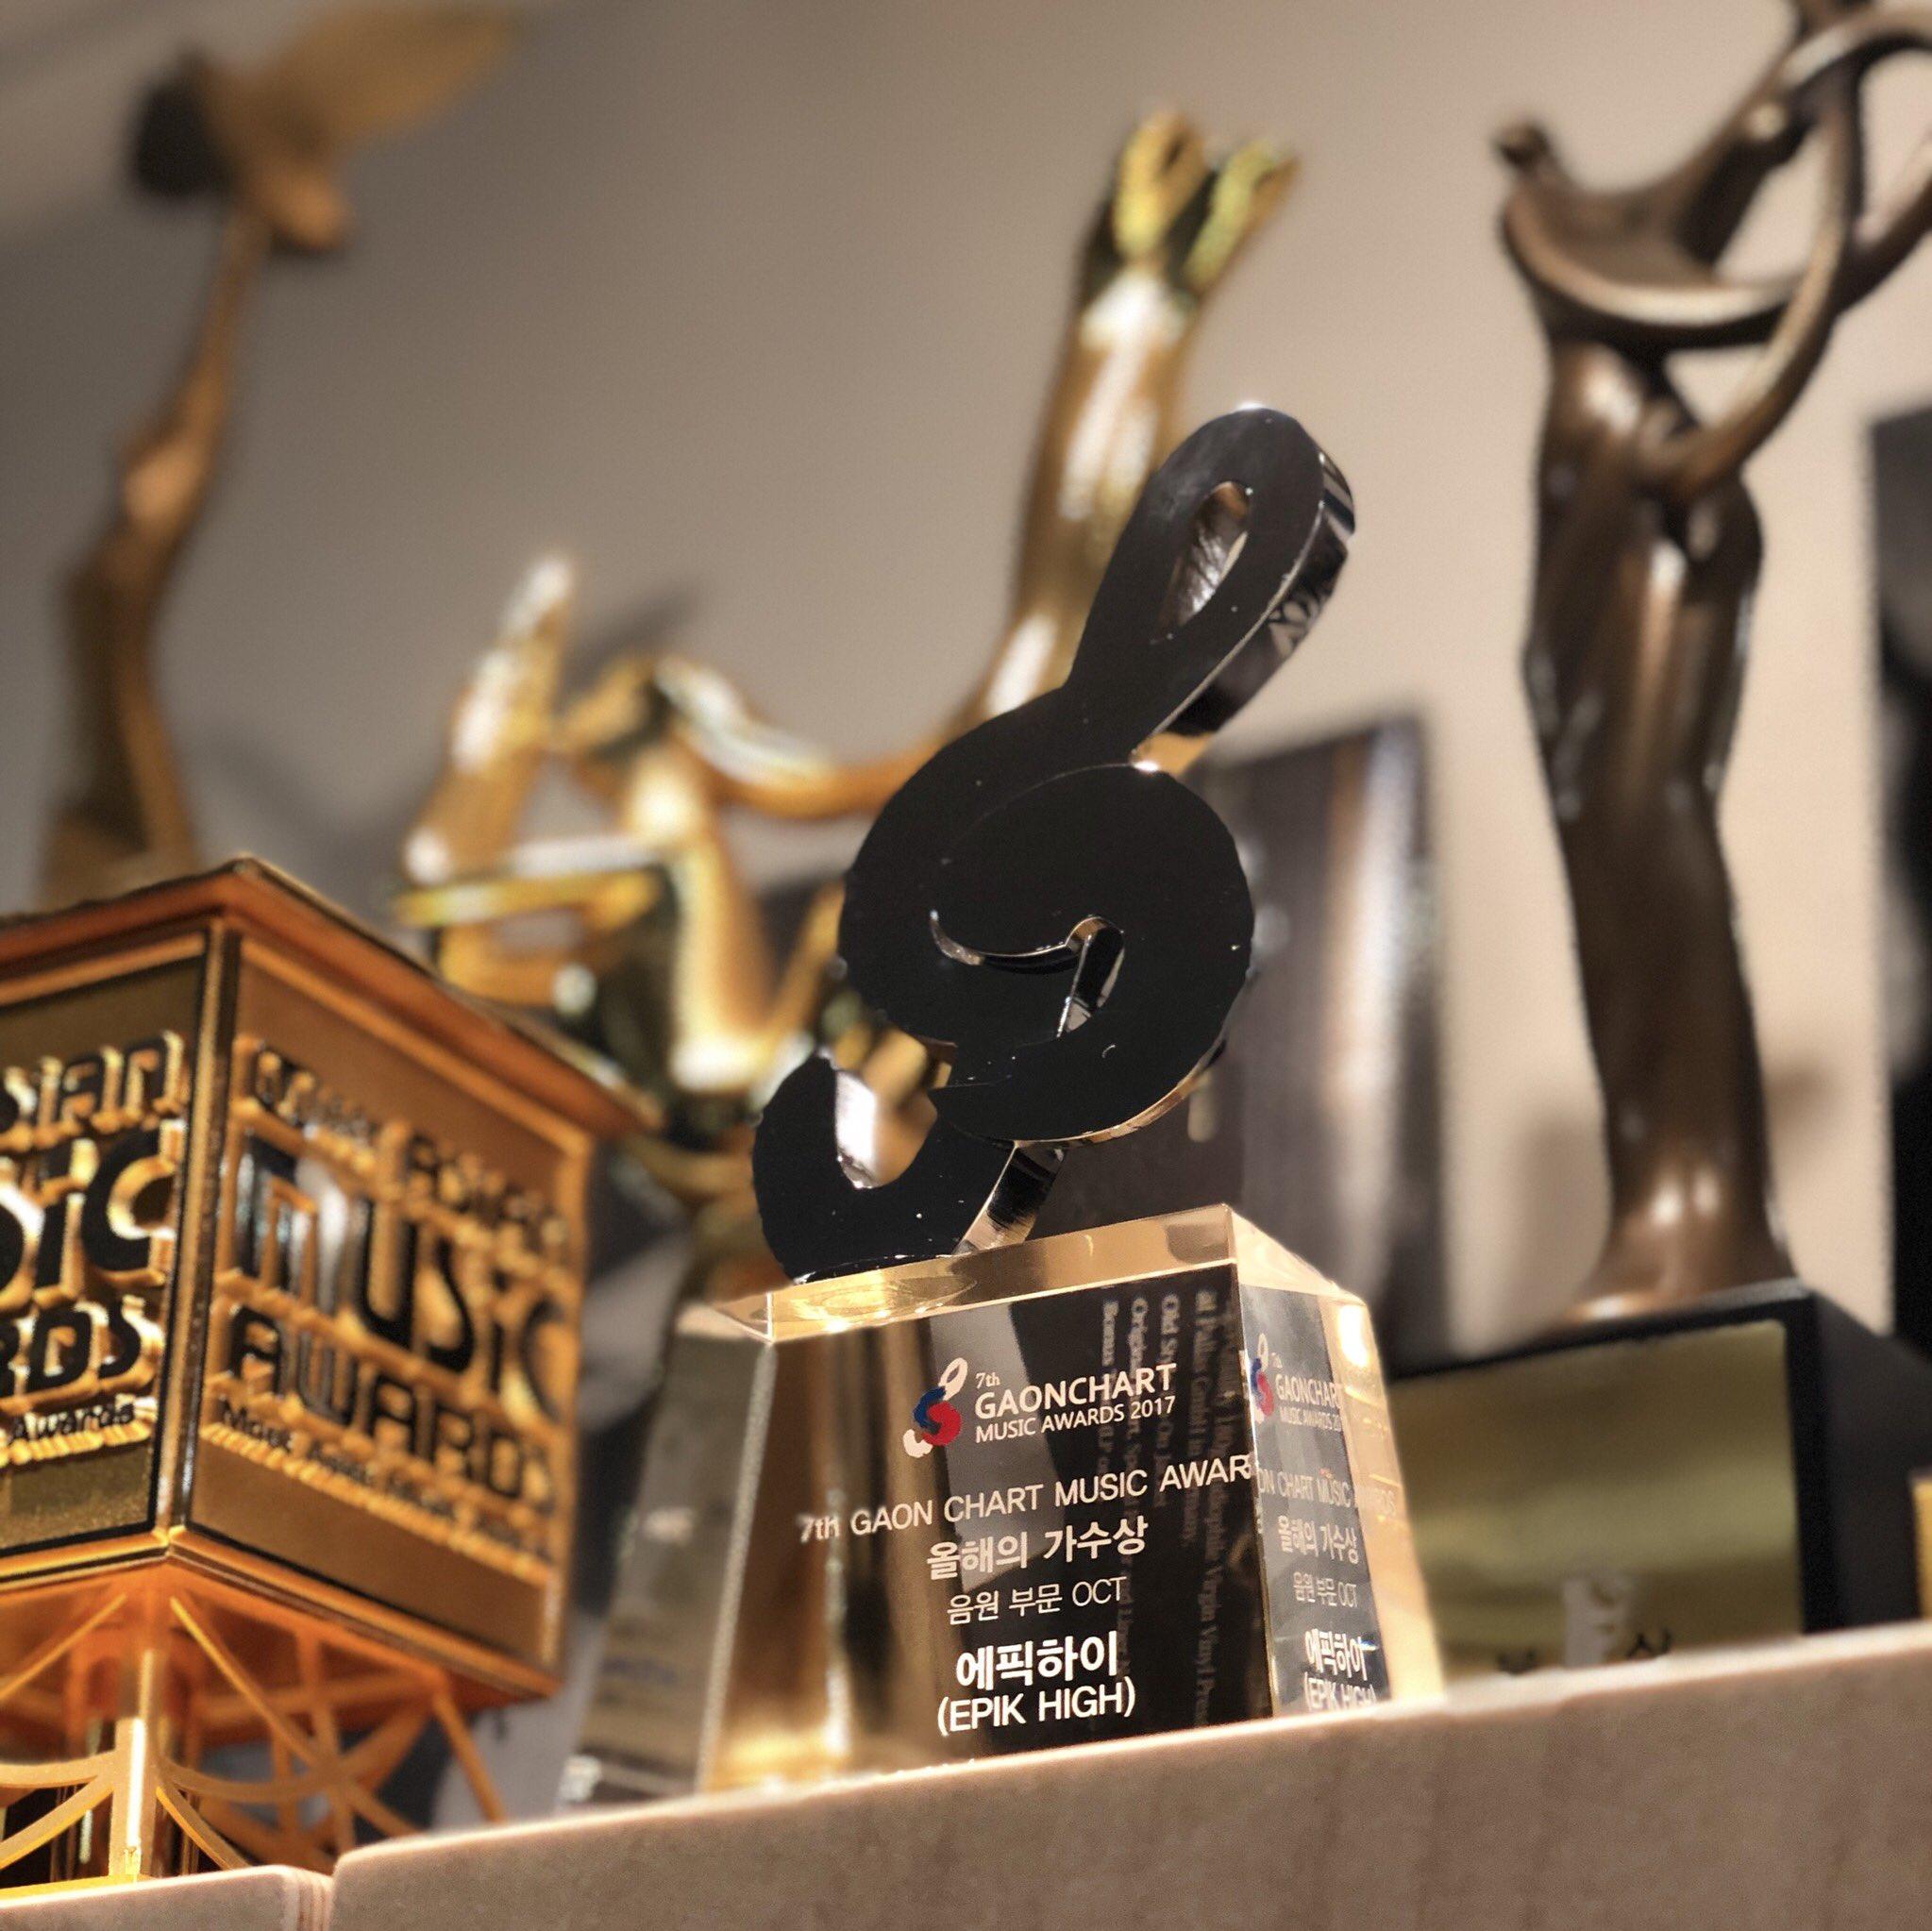 ↑ᄚミ↓ツᆲ■ユᄅ→ヒネ→ヒᄂ.  Thank you. ¬タヤ #↓ラミ■ヤᄑ■ユリ↓ンᄡ #↑ᄚタ↓リᄄ↓ᄚᄄ■ハᄌ↓ヨᄡ↓ロフ→モワ #↓リᆲ■ユᄡ↓ンリ↑ᄚタ↓ネリ↓テチ #EPIKHIGH #GaonChartAwards #ArtistOfTheYear #HIGHSKOOL #WDSW https://t.co/8uG93Z4QkO